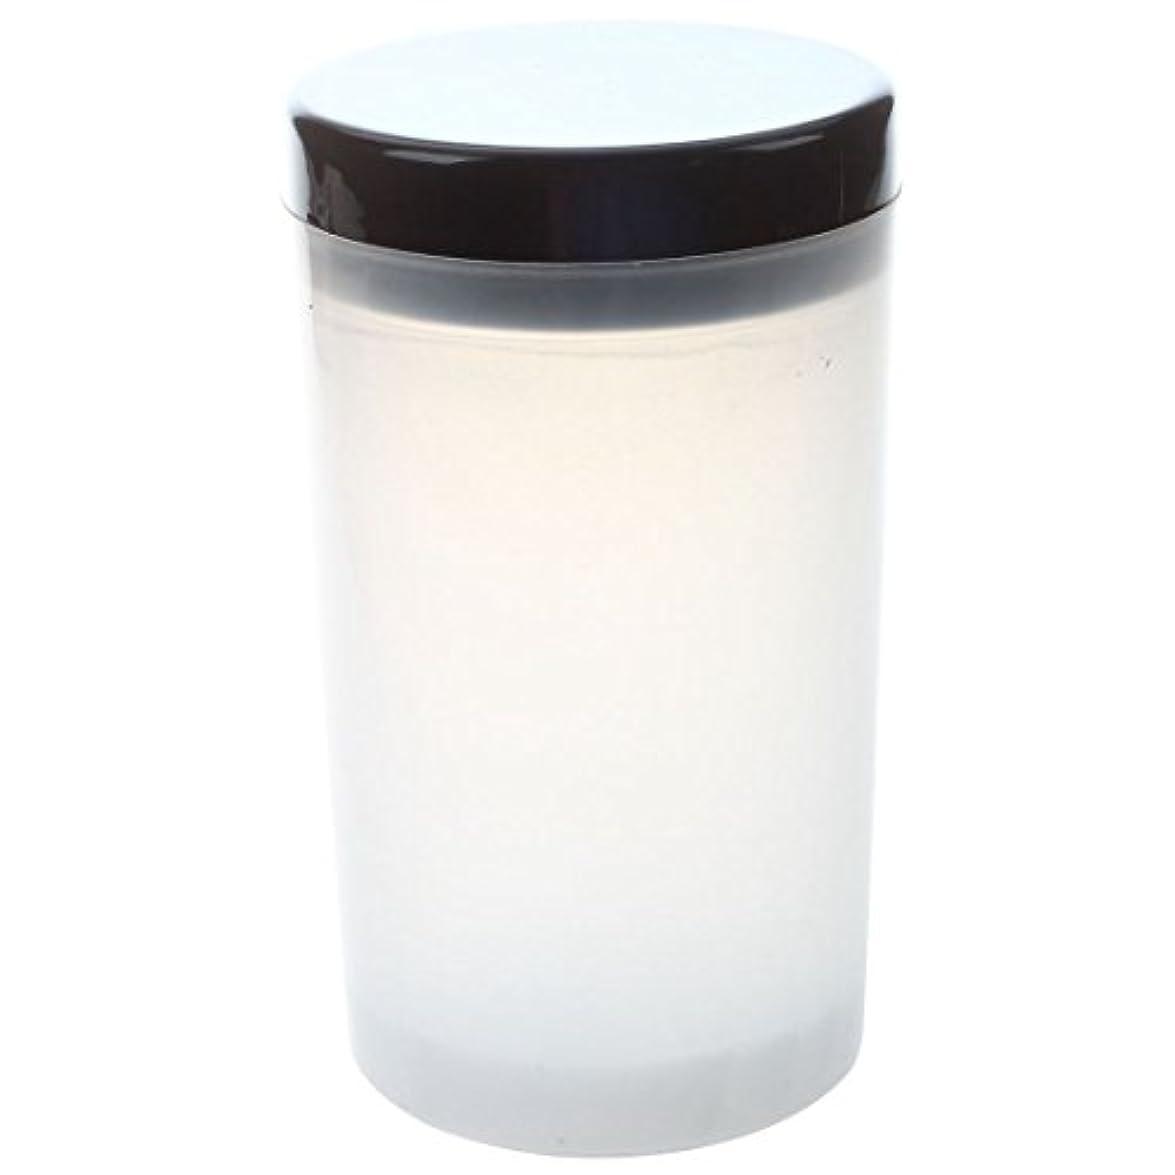 マスク眠る振り向くGaoominy ネイルアートチップブラシホルダー リムーバーカップカップ浸漬ブラシ クリーナーボトル